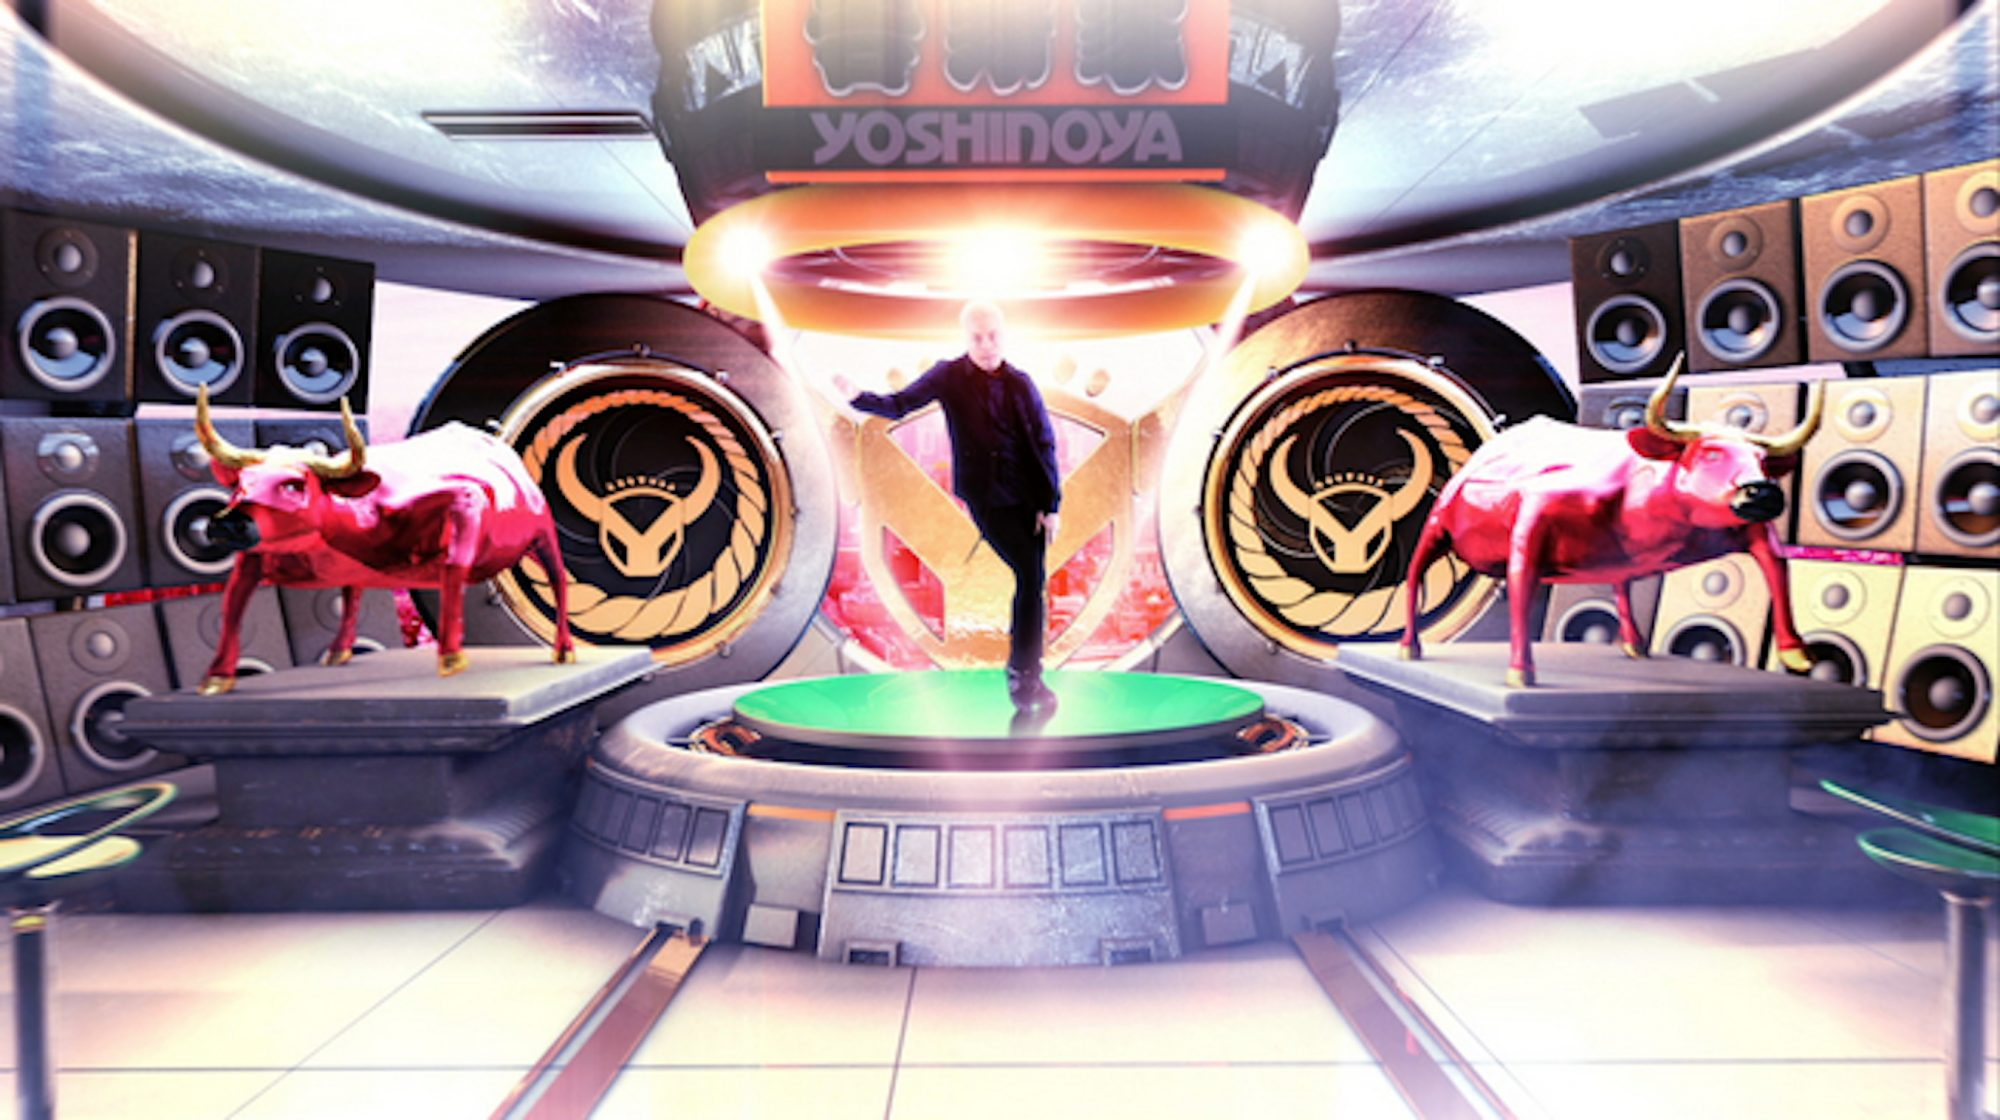 20××年の吉野家はこうなる!?近未来型コンセプト店舗とストリートダンスのコラボレーションを、ダンス界No.1プロデューサー・カリスマカンタローがCM化!